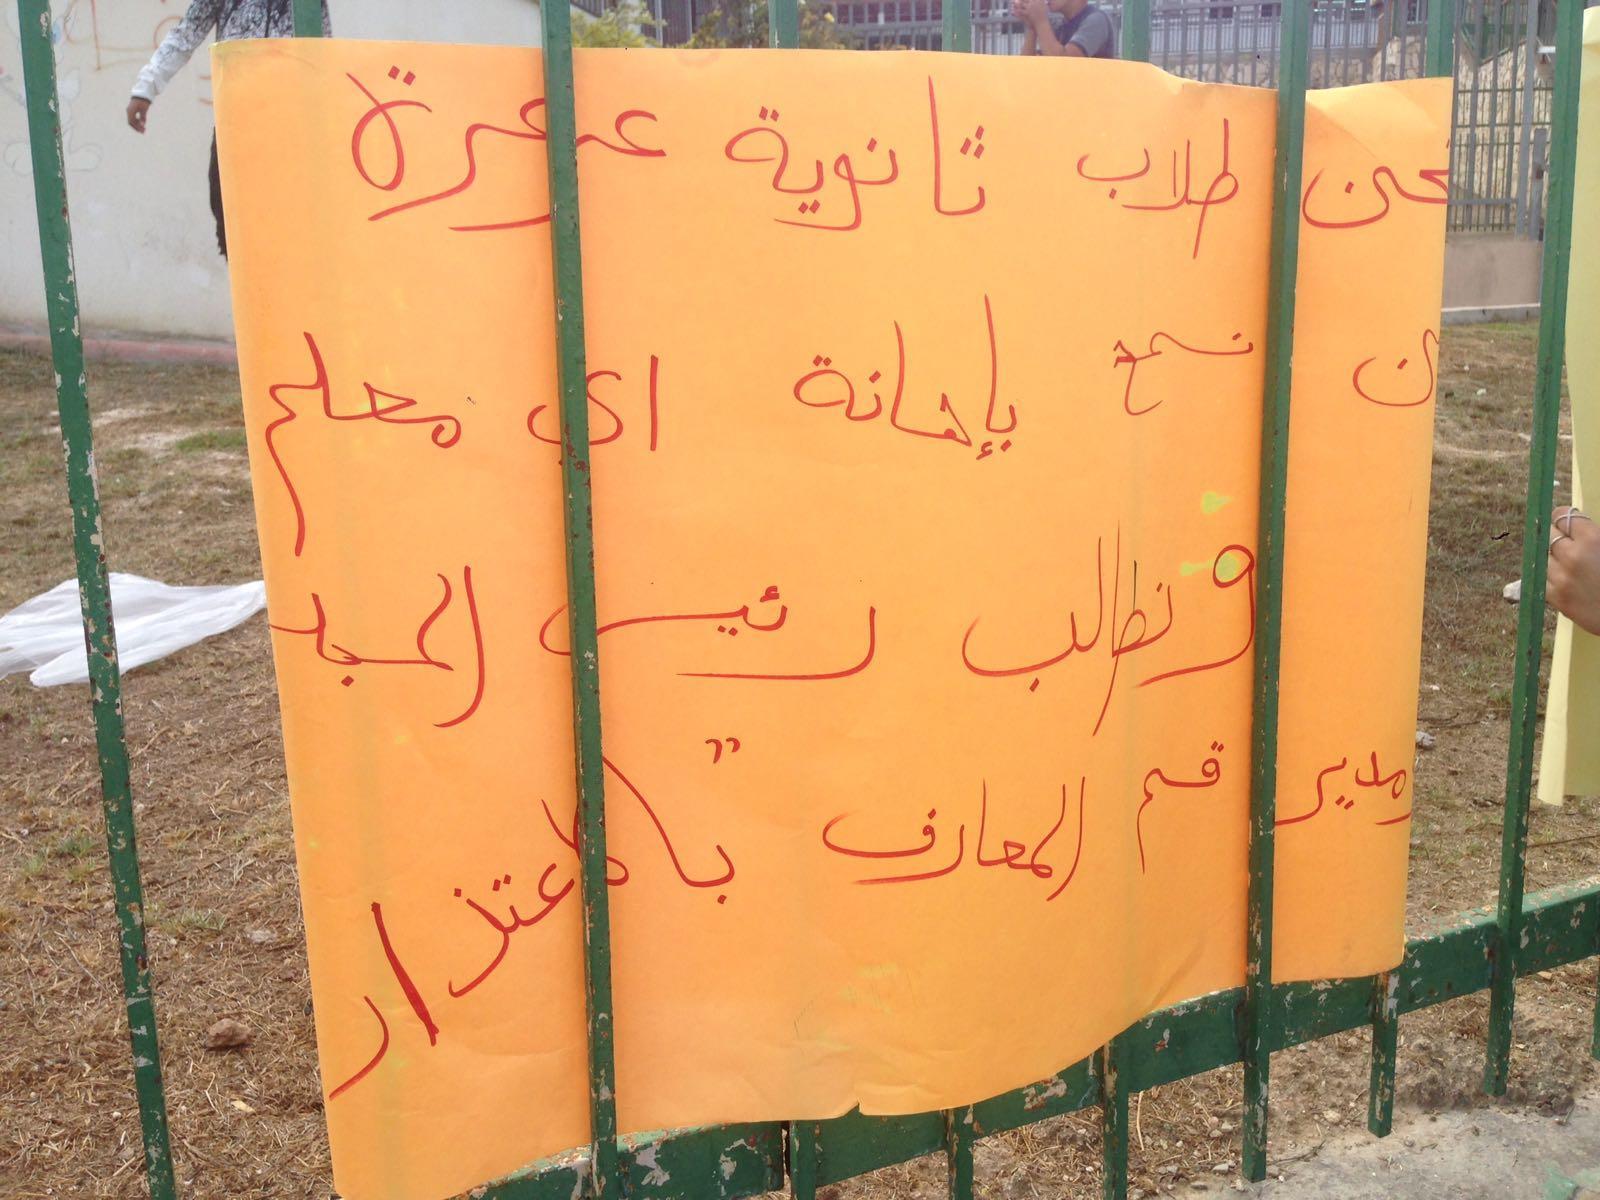 عرعرة: طلاب من الثانوية يحتجون لعدم وجود تخصص دراسي